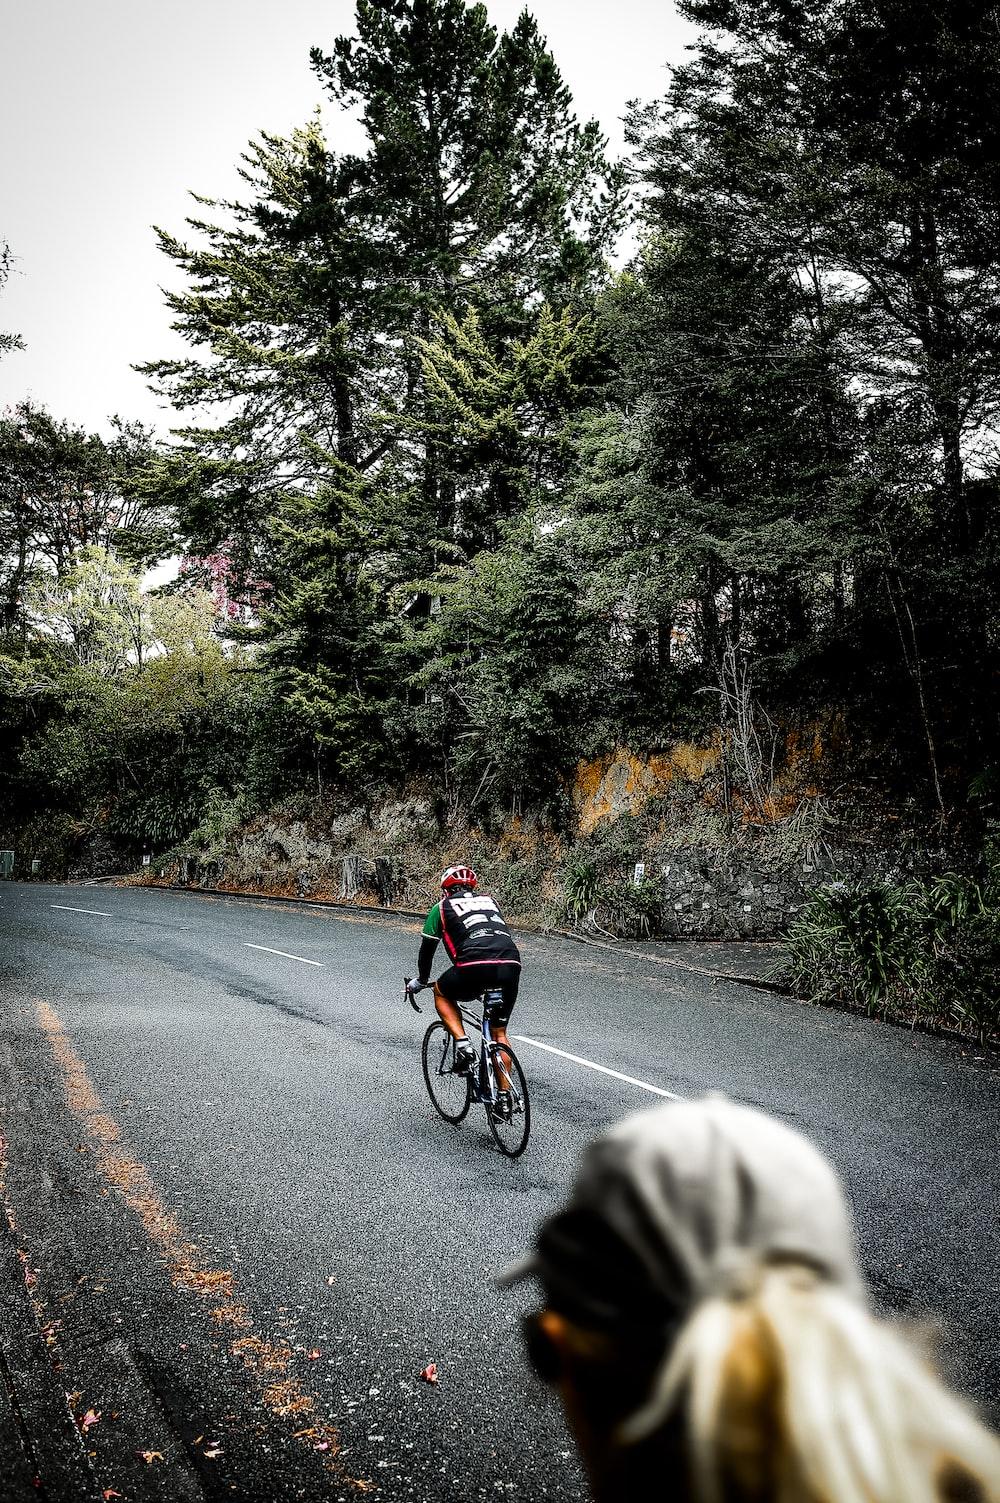 man in black shirt riding bicycle on road during daytime